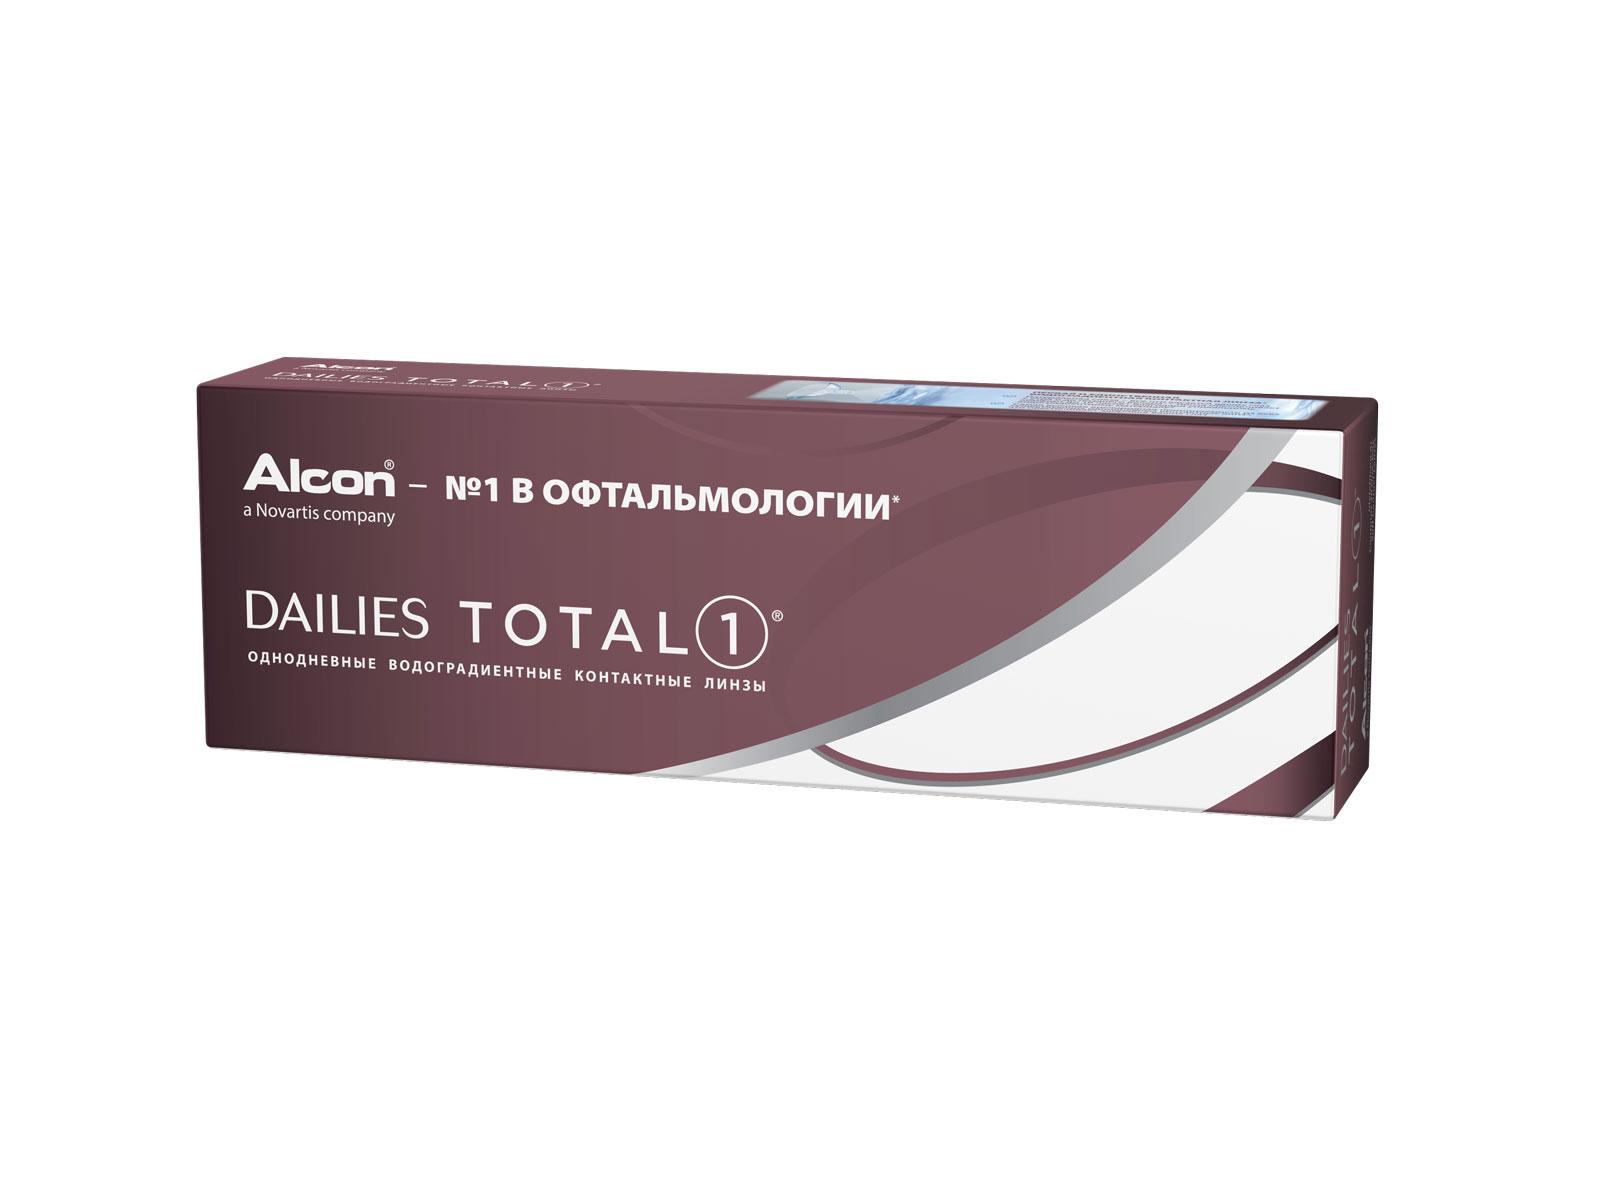 Alcon контактные линзы Dailies Total 1 30pk /+4.25 / 8.5 / 14.1100016527Dailies Total 1 – линзы, которые не чувствуешь с утра и до поздного вечера. Эти однодневные контактные линзы выполнены из уникального водоградиентного материала, багодаря которому натуральная слеза – это все, что касается ваших глаз. Почти 100% влаги на поверхности обеспечивают непревзойденный комфорт до 16 часов ношения.